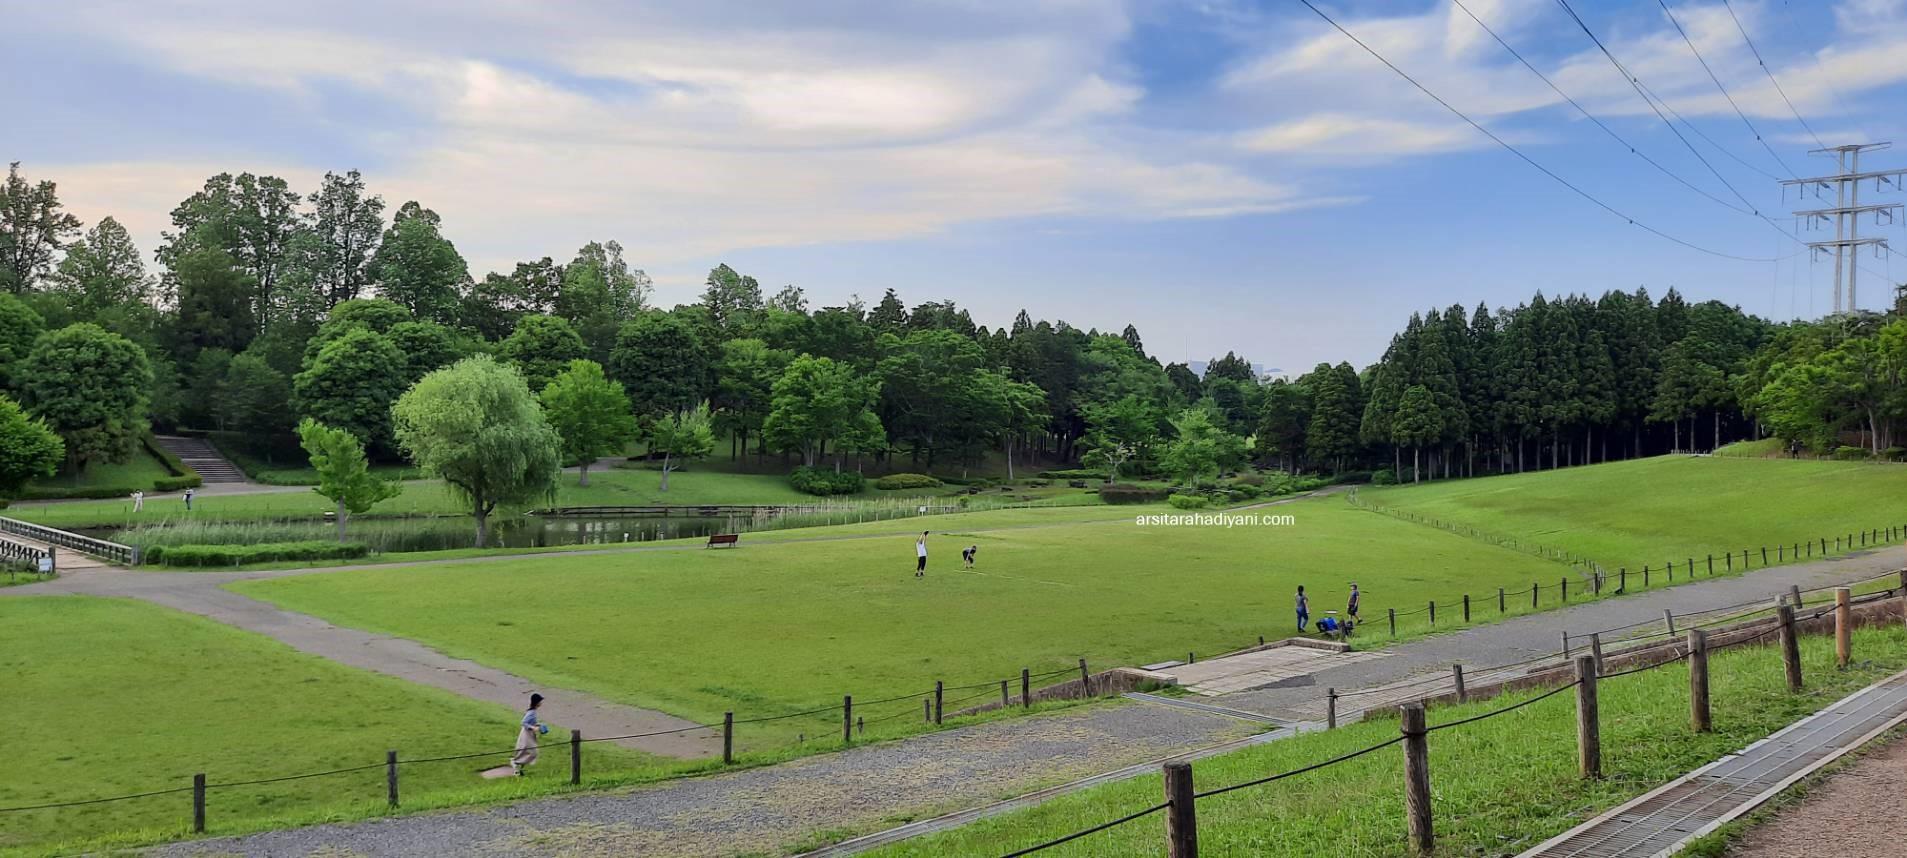 Taman di Tsukuba, Science Expo memorial park